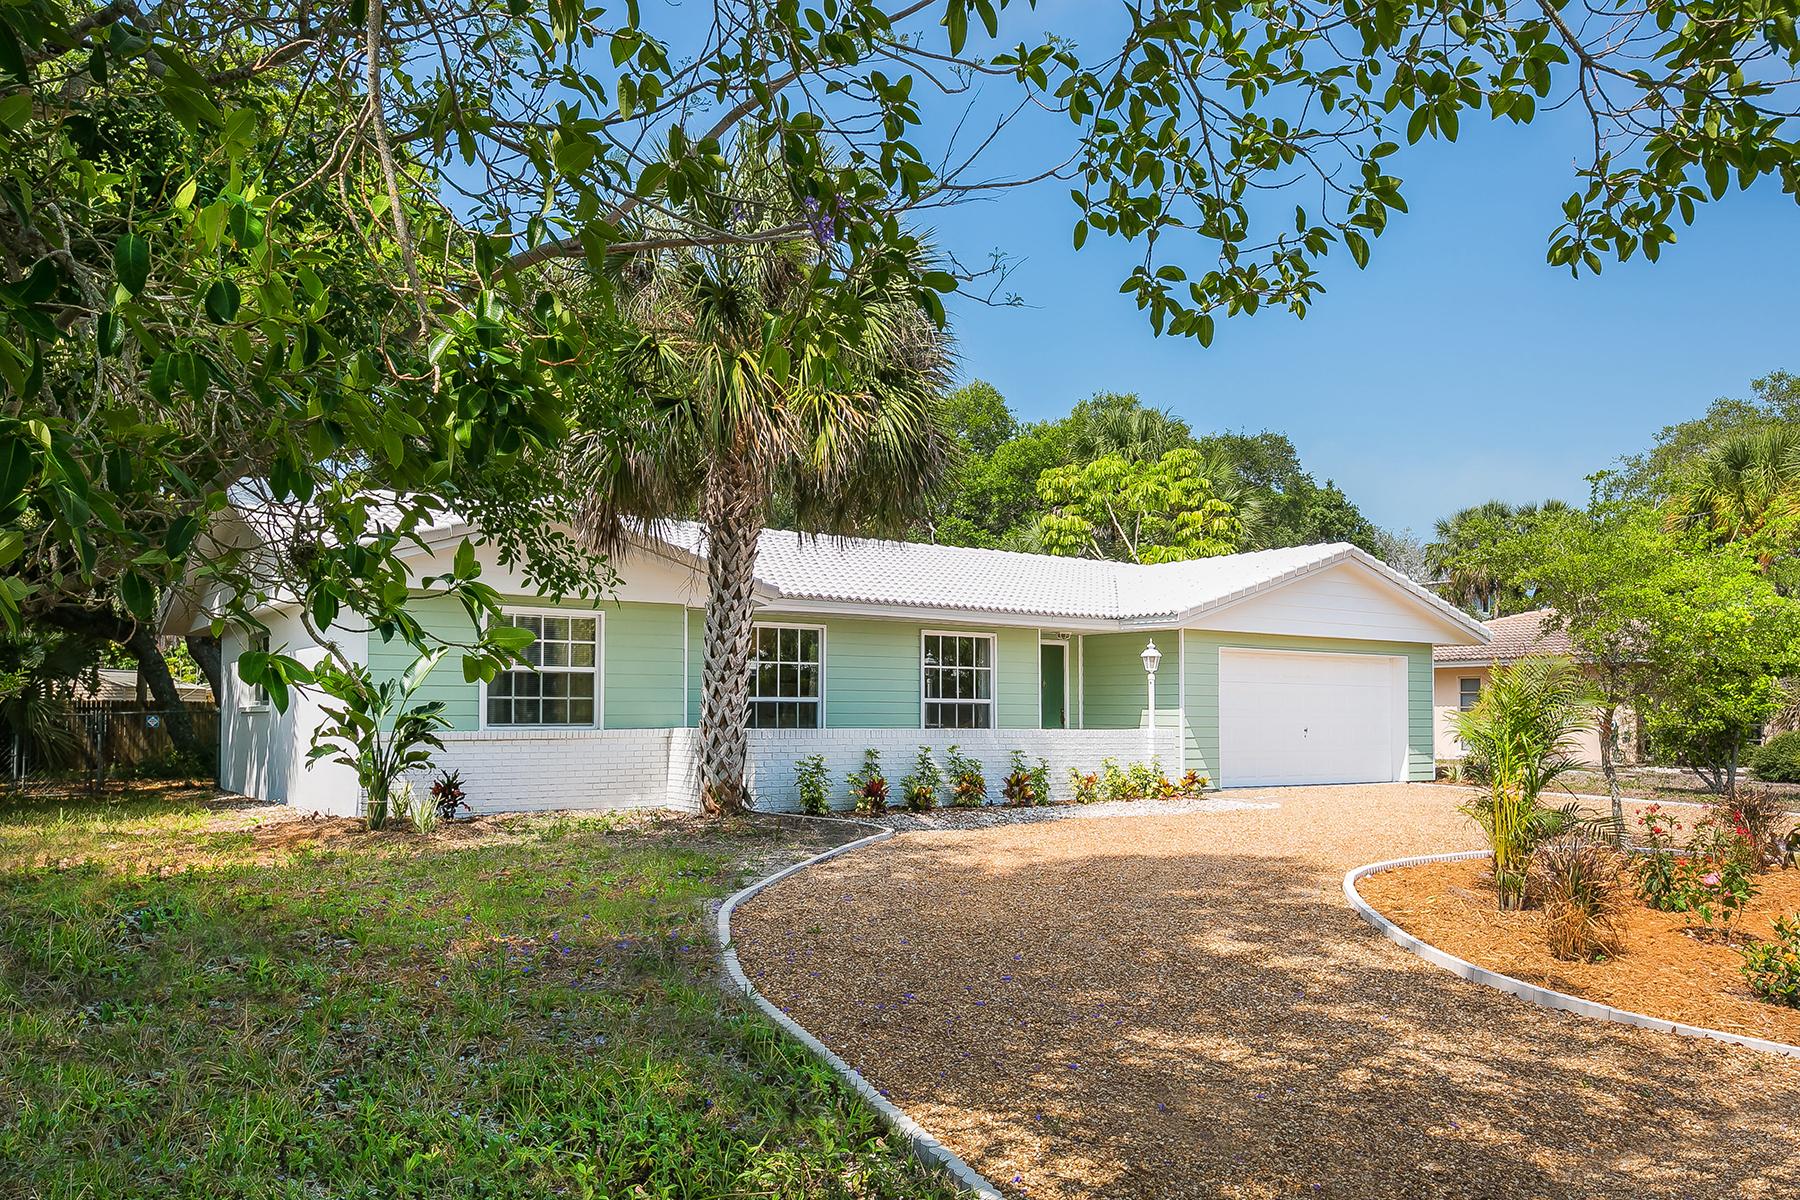 Casa para uma família para Venda às SIESTA KEY WATERSIDE EAST 630 Venice Ln Sarasota, Florida, 34242 Estados Unidos